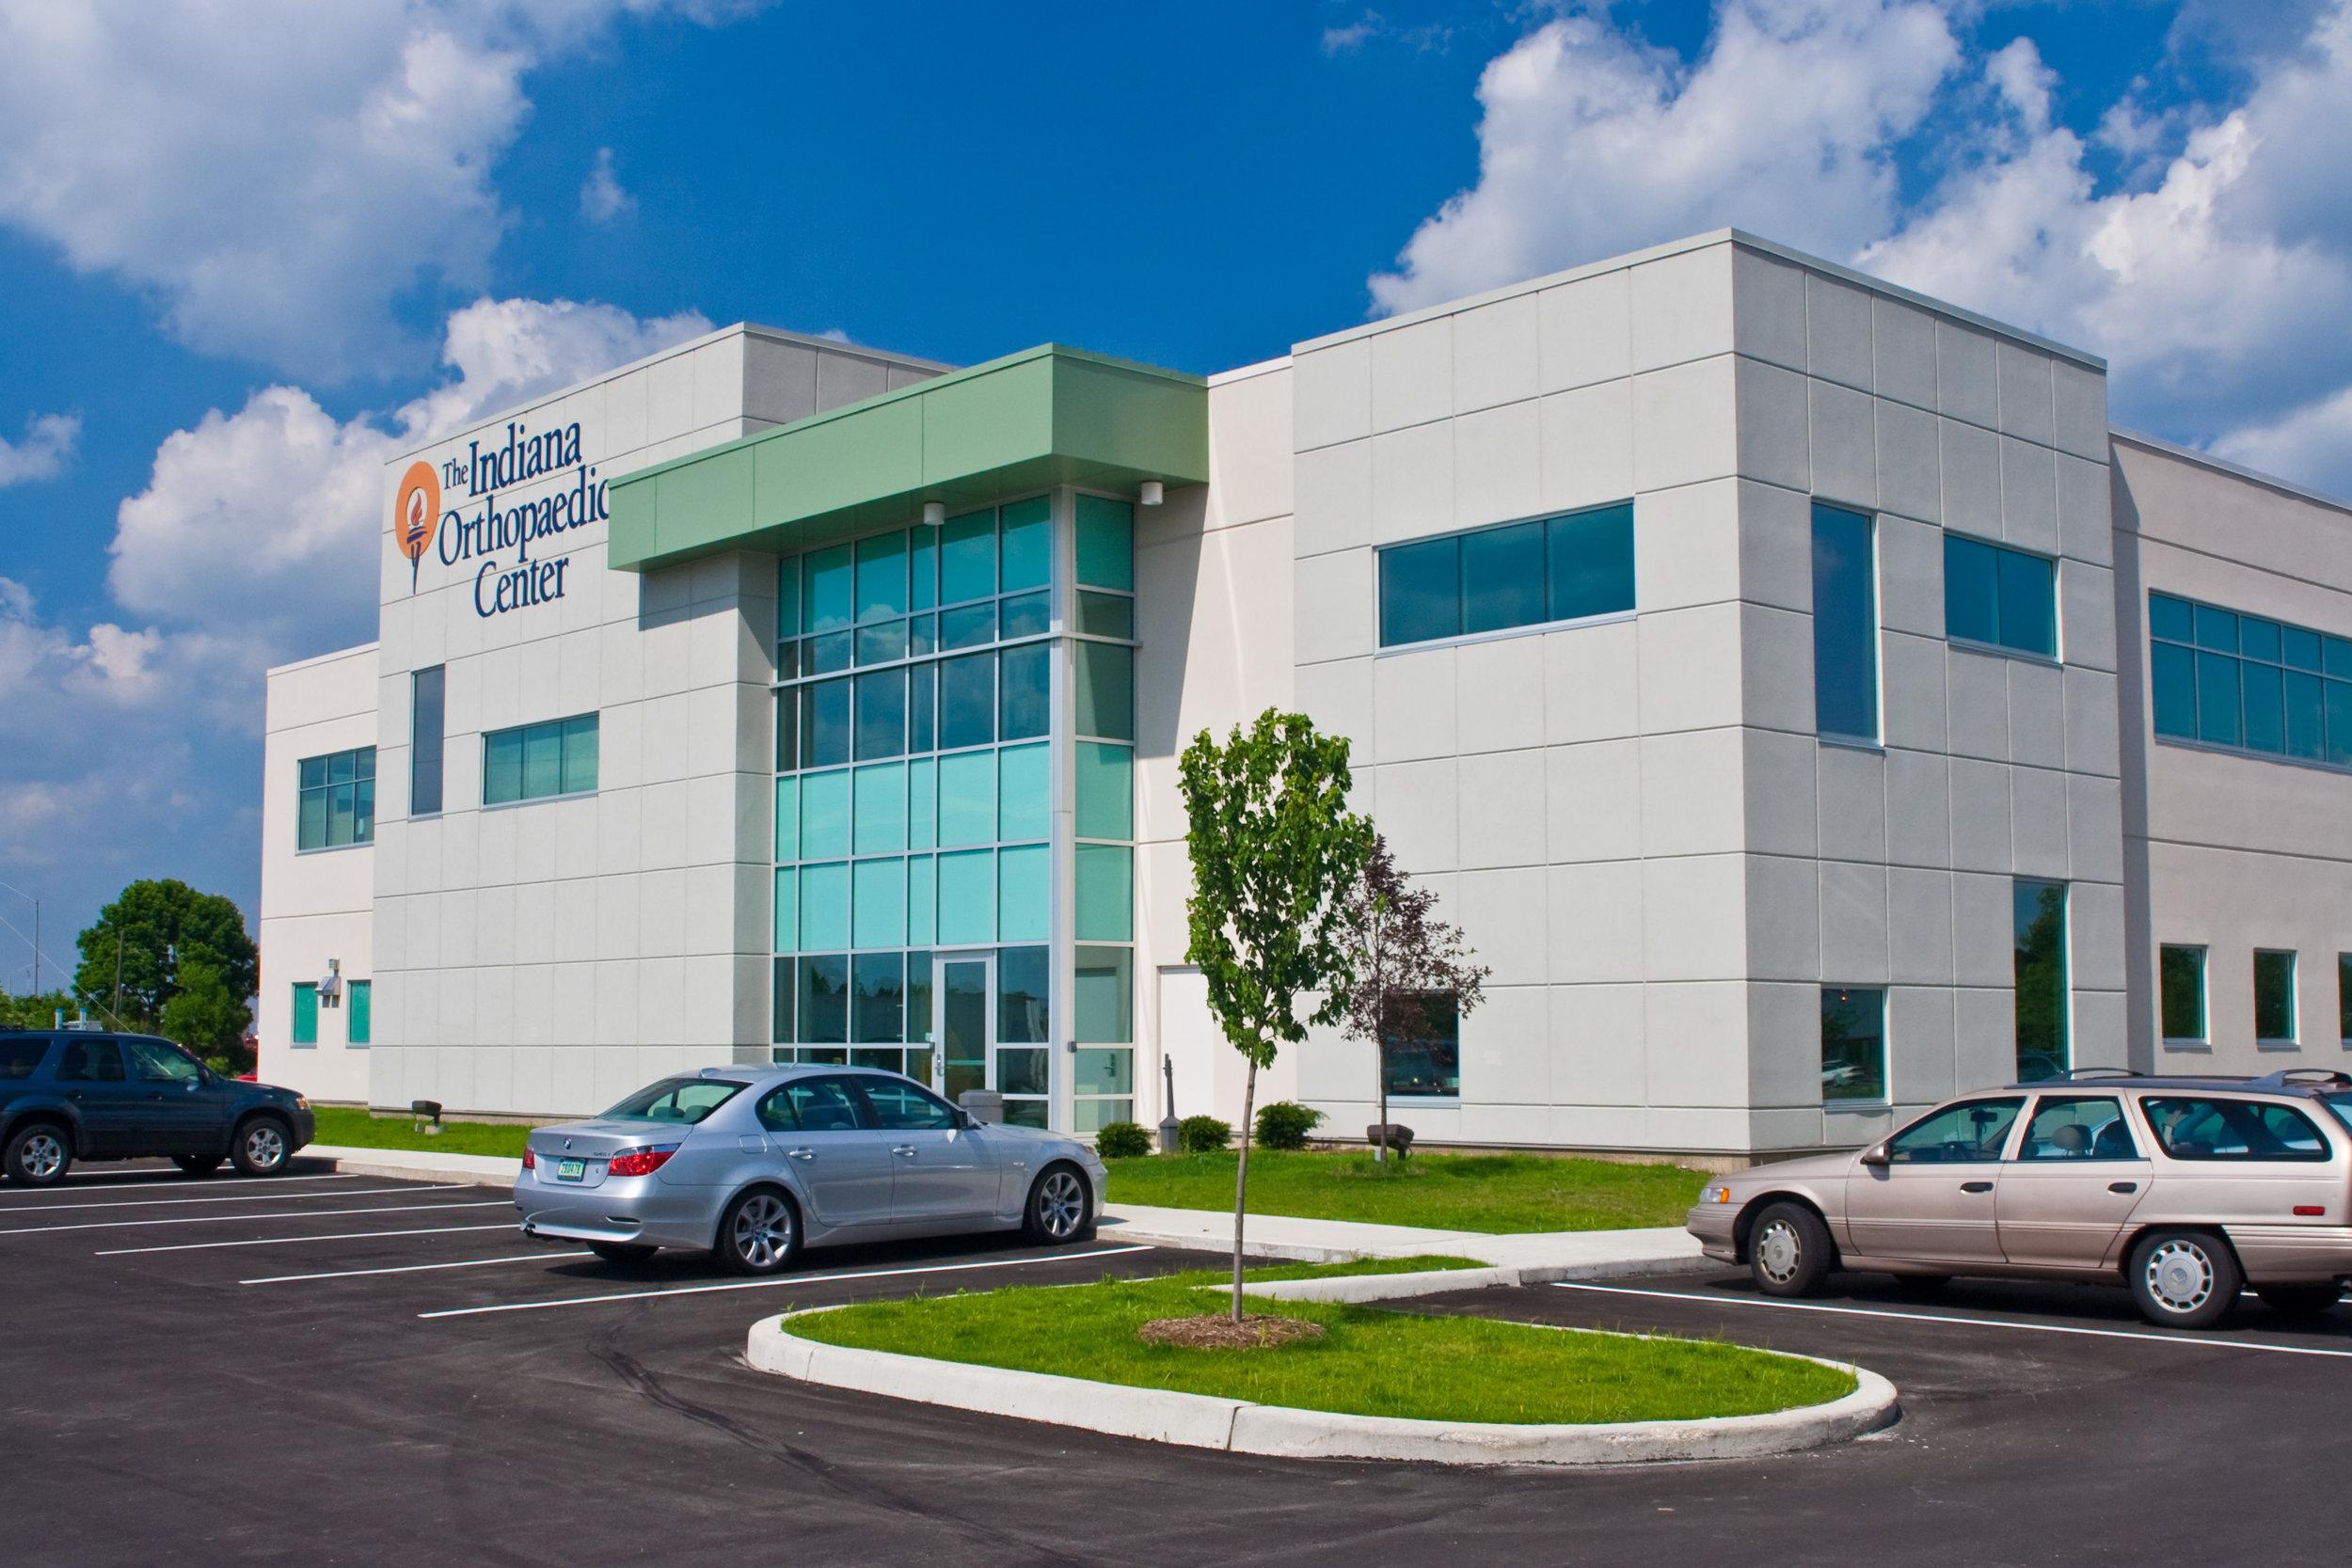 Indiana Orthopaedic Center